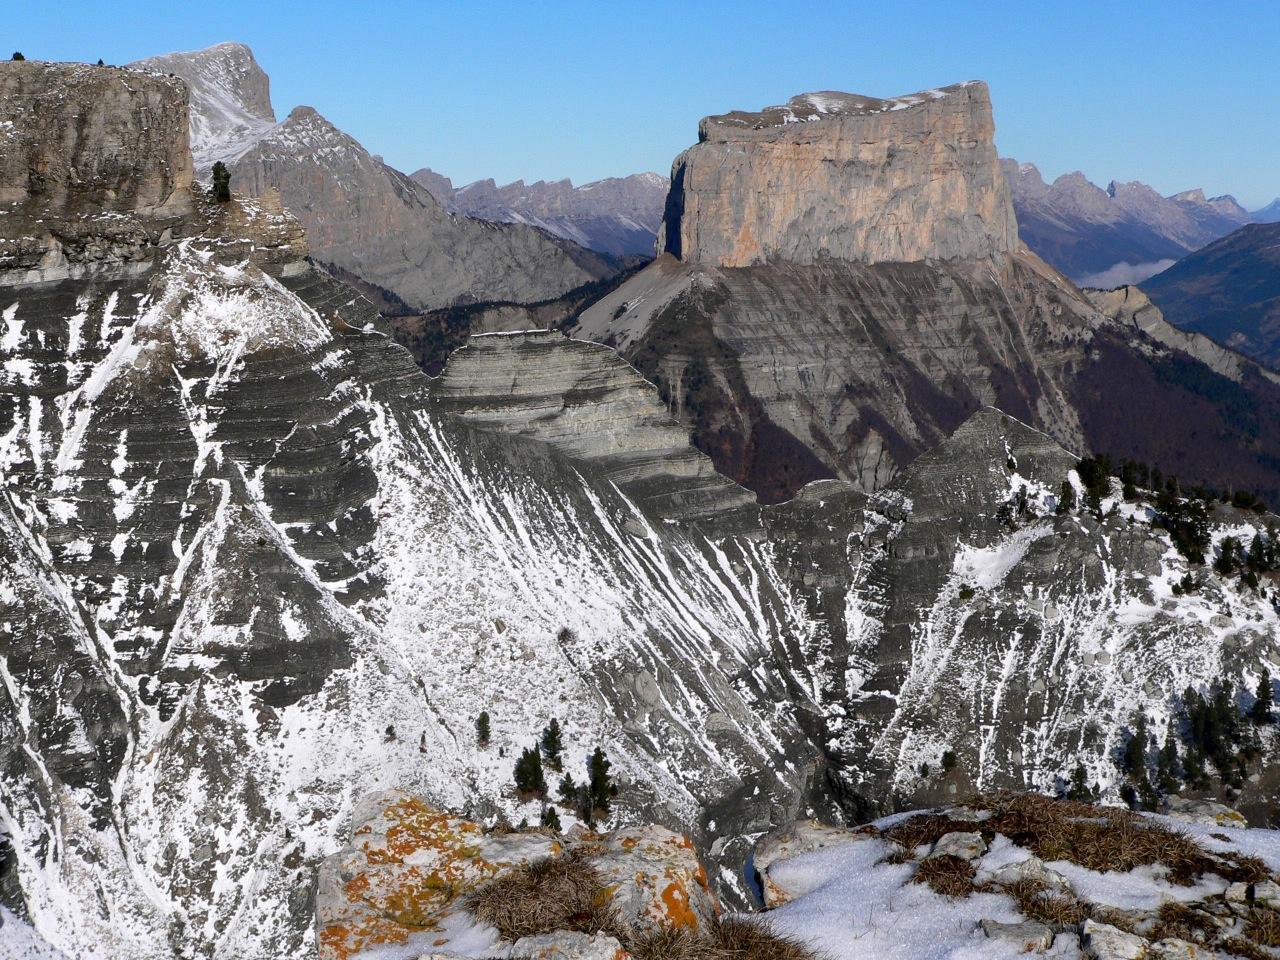 Le mont aiguille depuis la tete chevalière